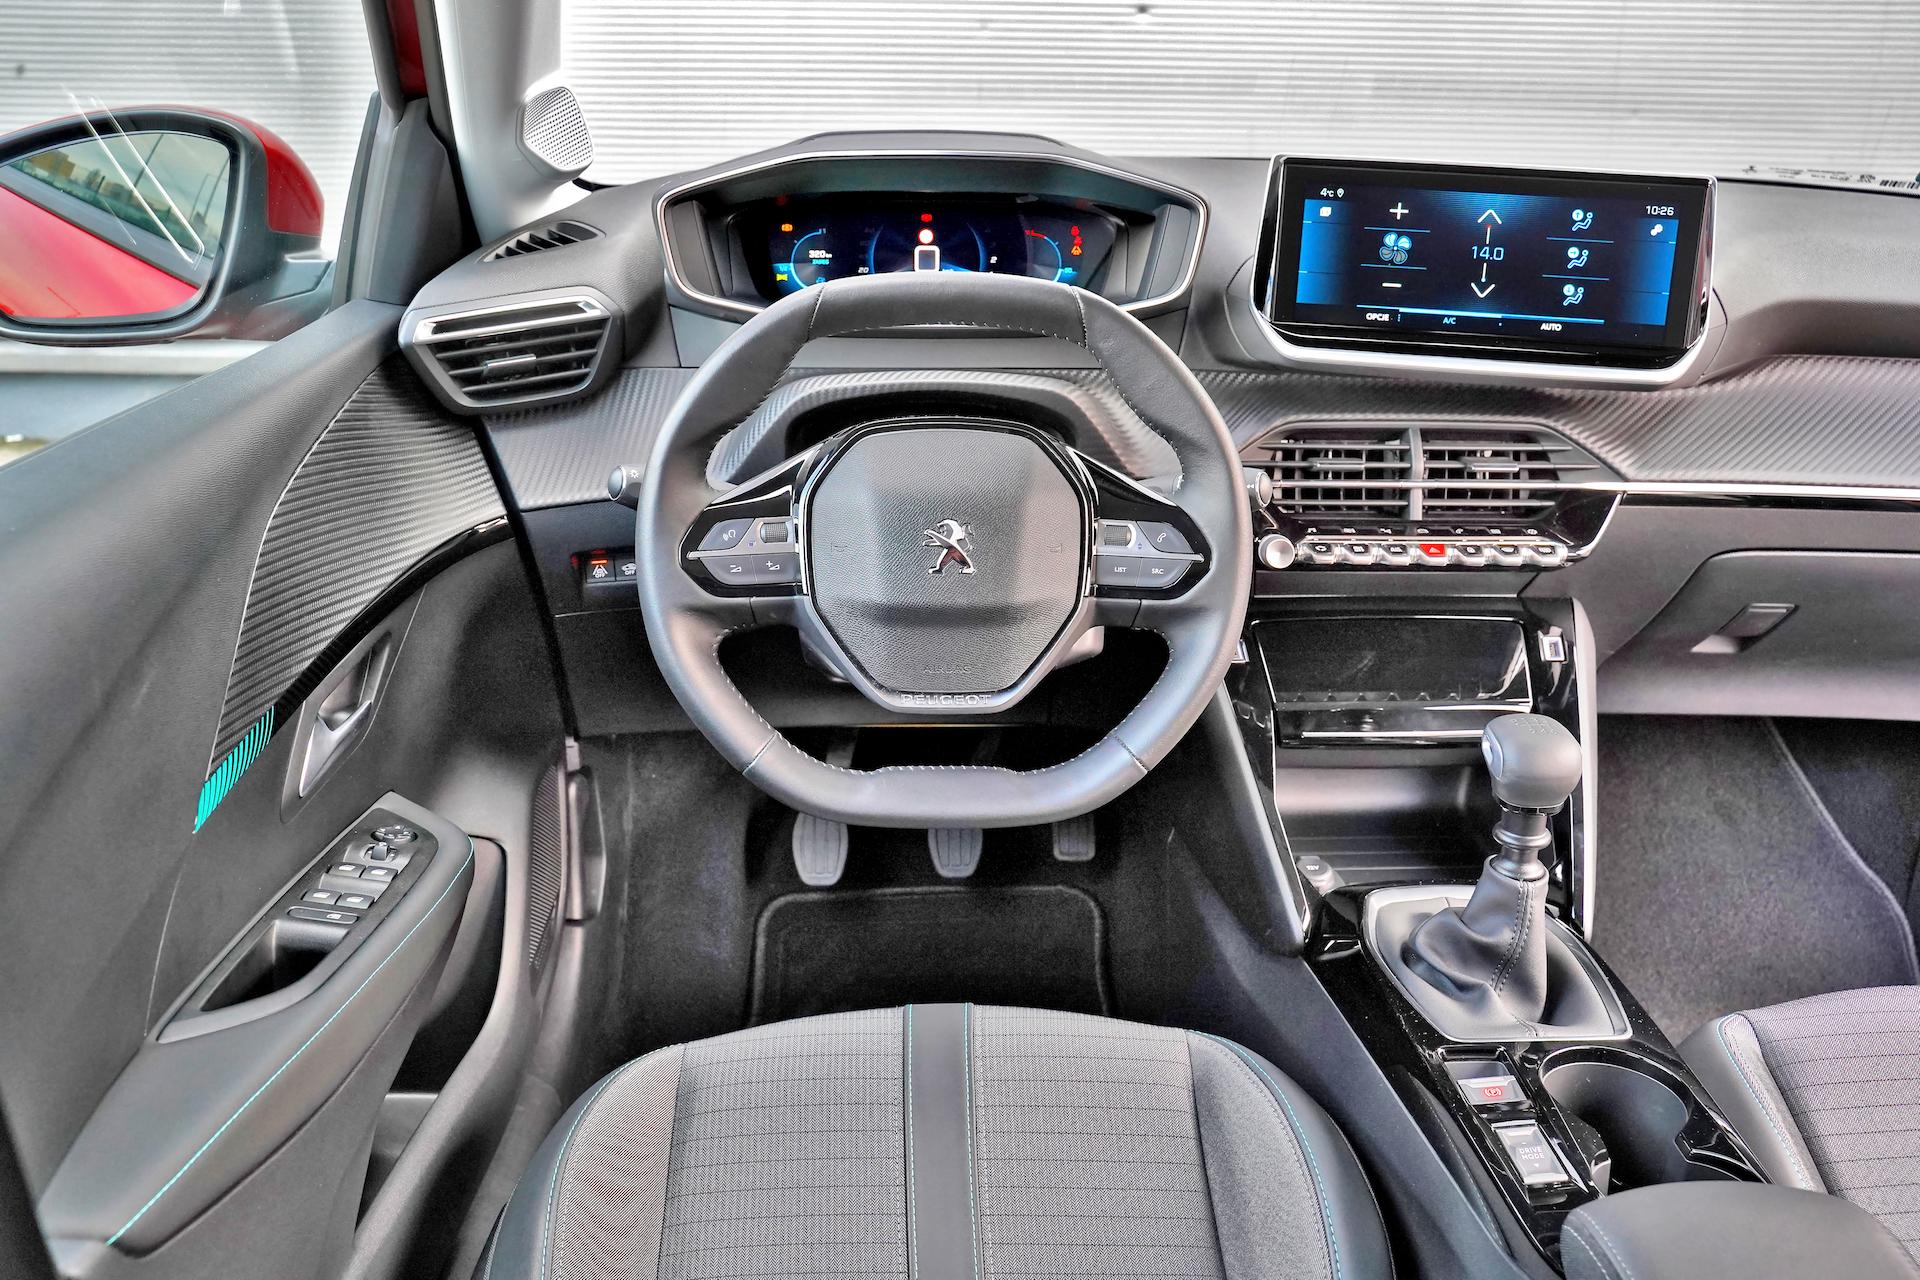 2020 Peugeot 208_015